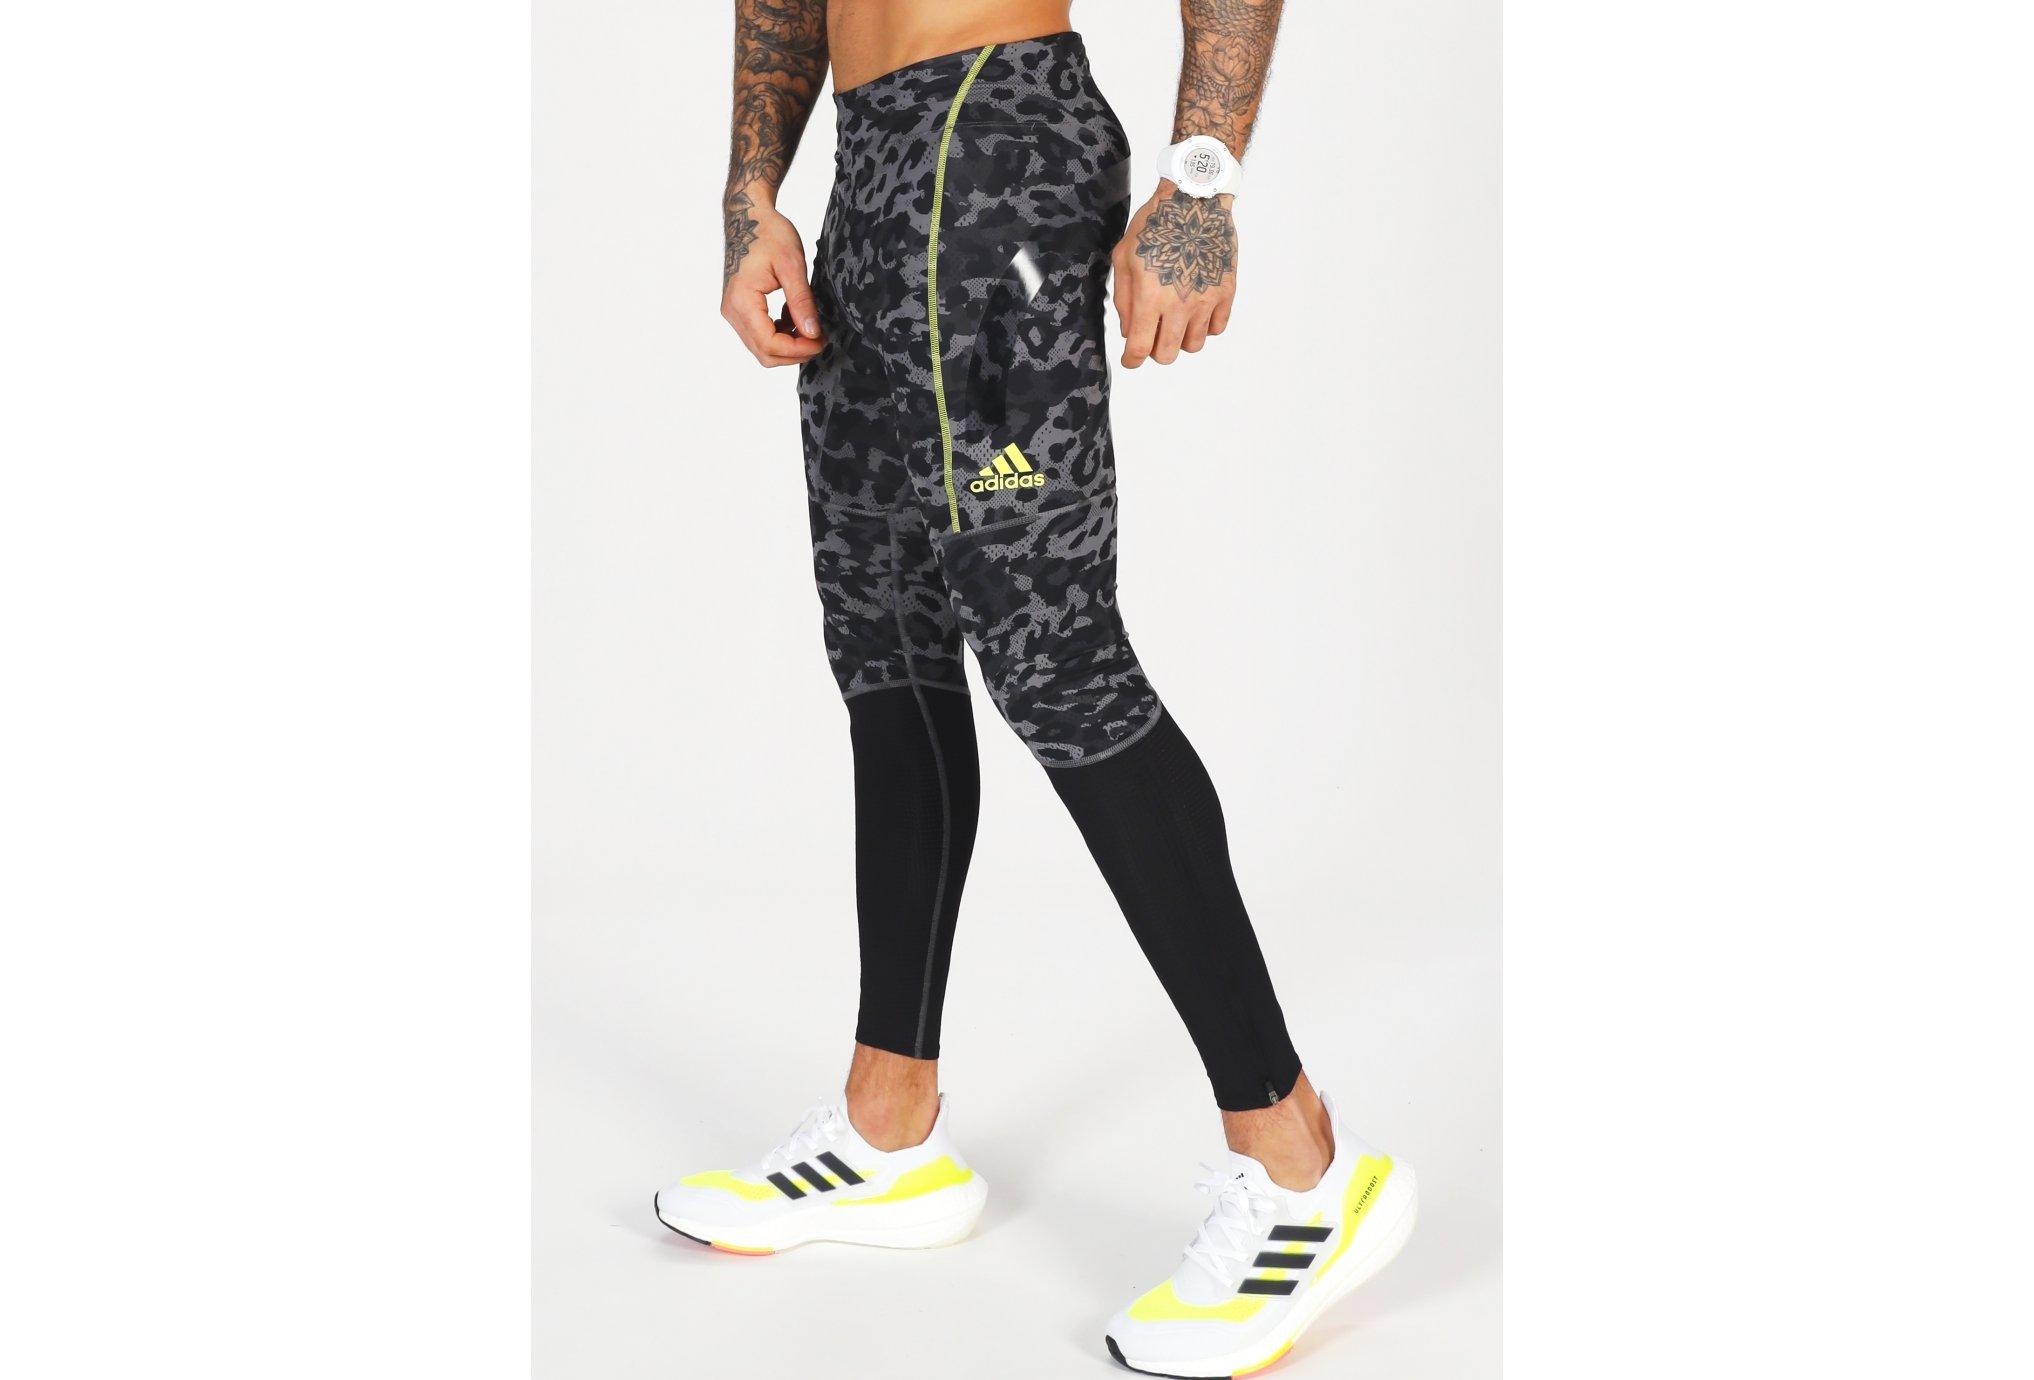 adidas Adizero Primeblue M vêtement running homme